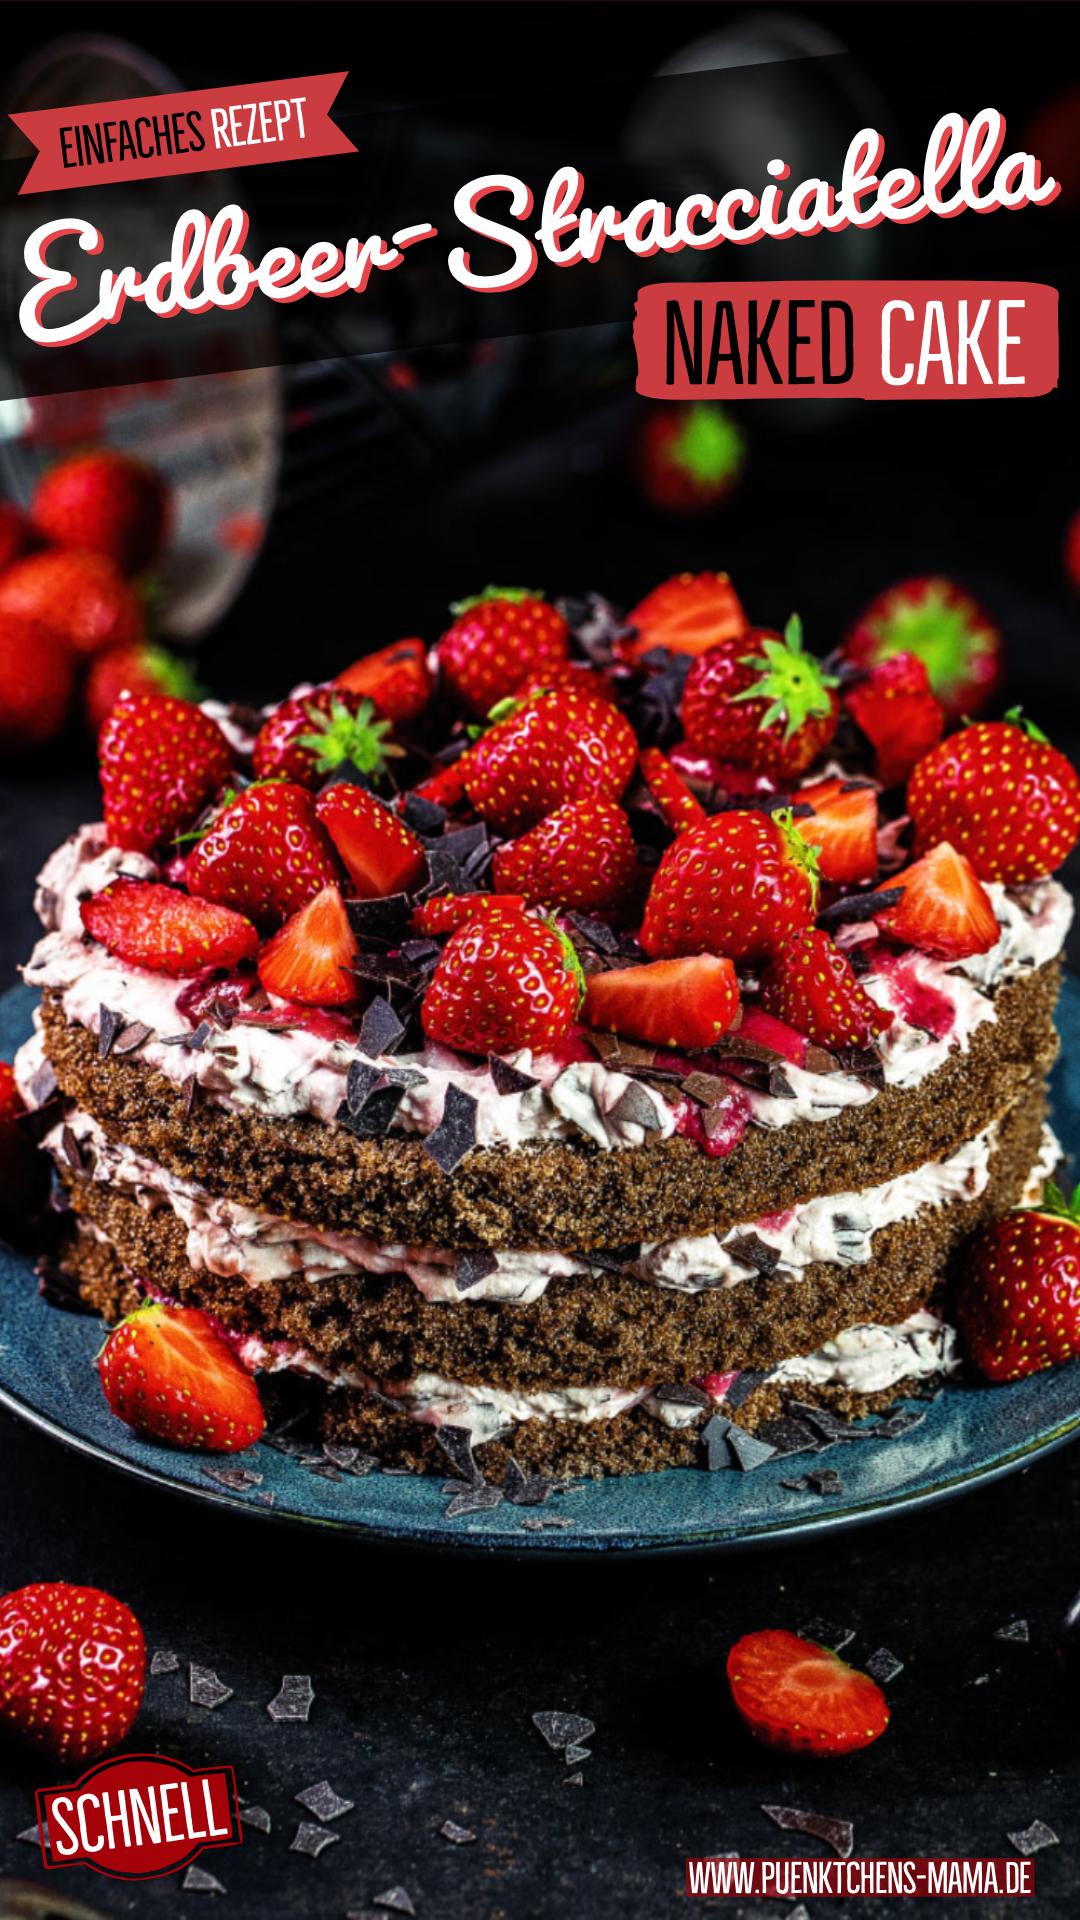 Kleiner Erdbeer-Stracciatella-Naked-Cake einfaches Rezept für köstliche Geburtstagstorte